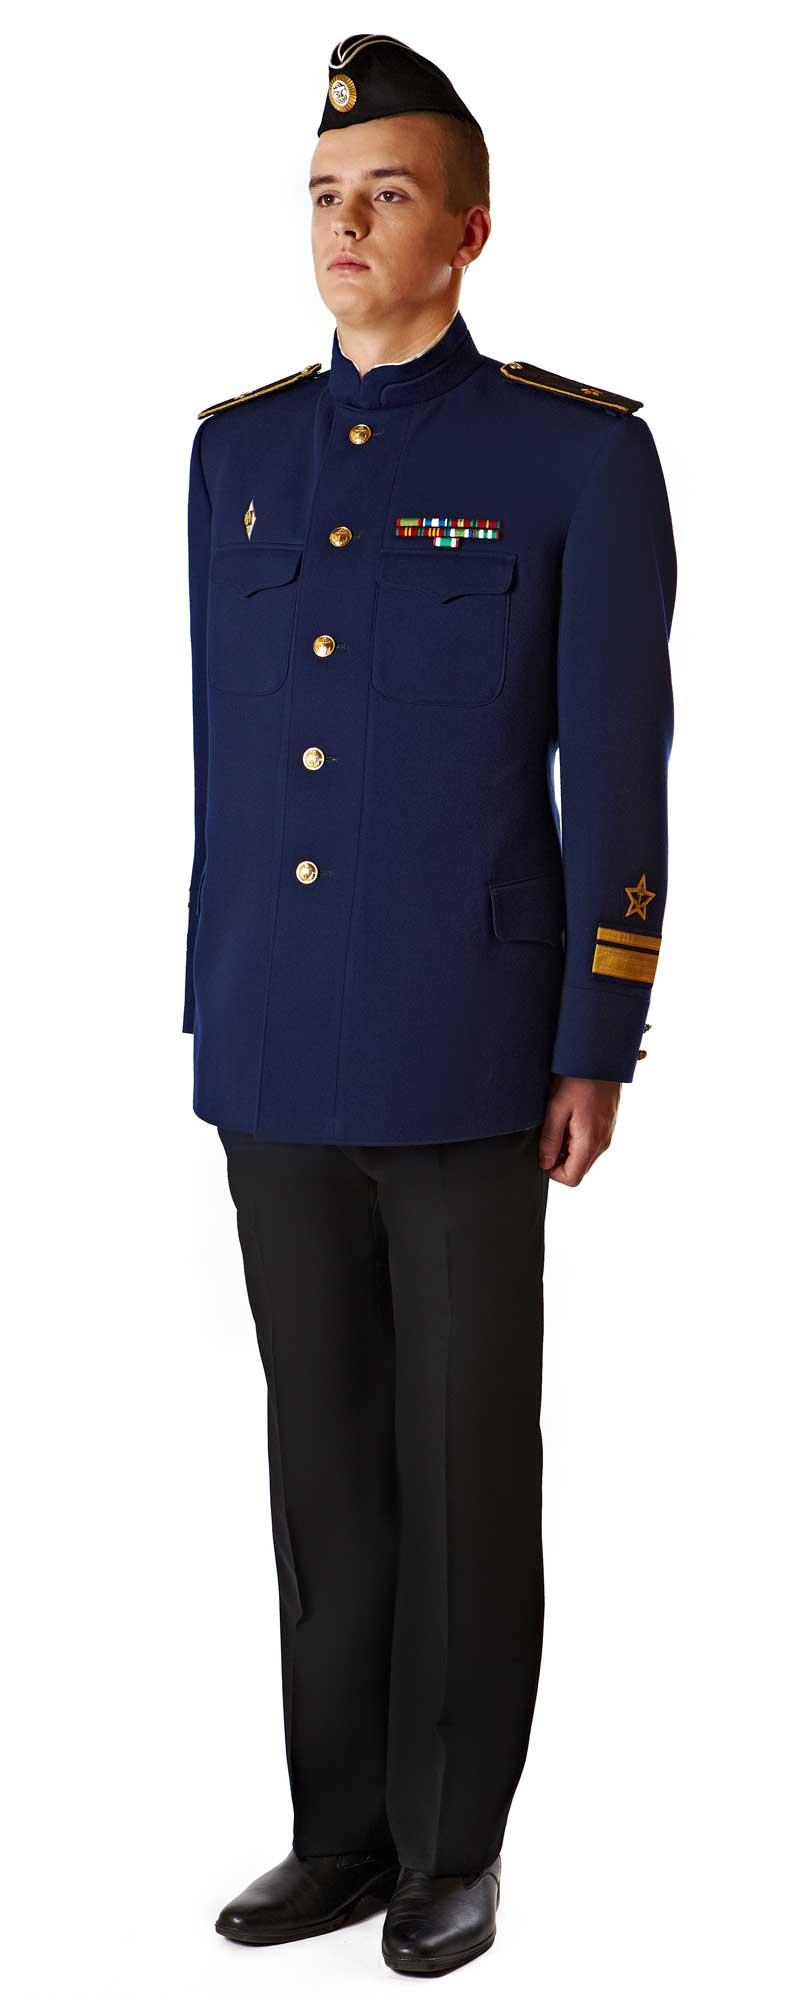 Повседневная форма адмиралов и